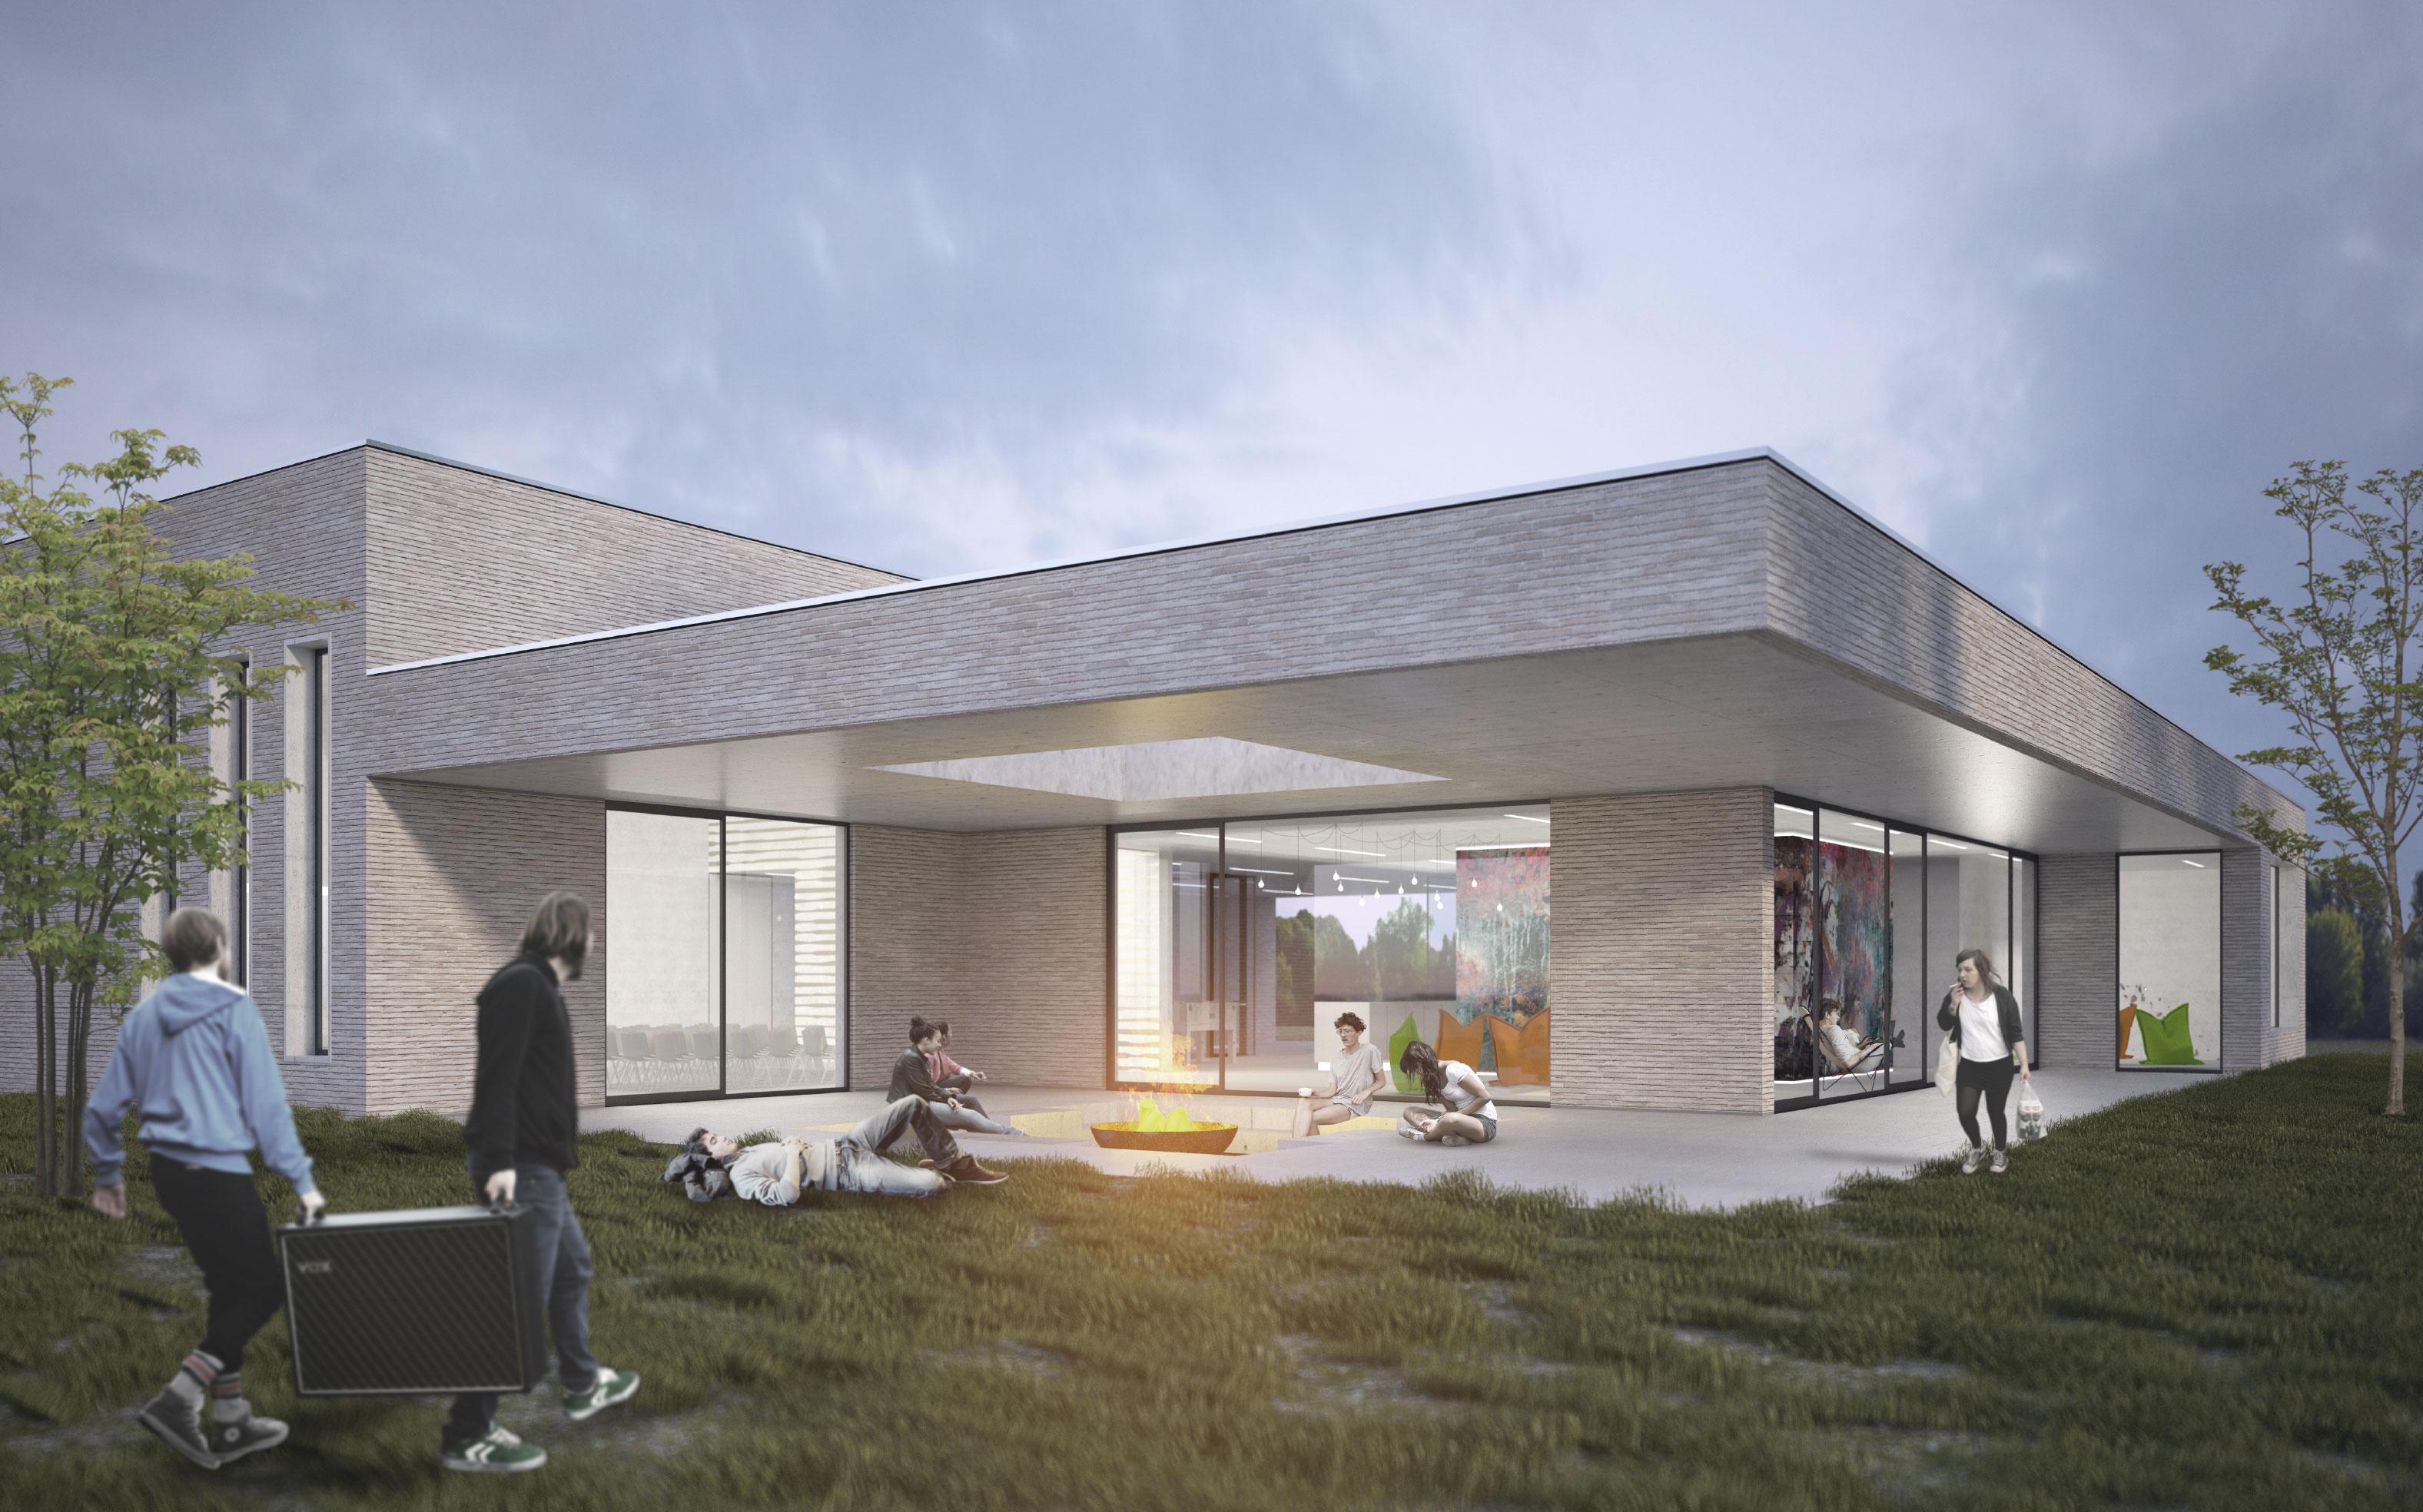 Jugendzentrum meppen architekt alh user for Architekt voraussetzungen